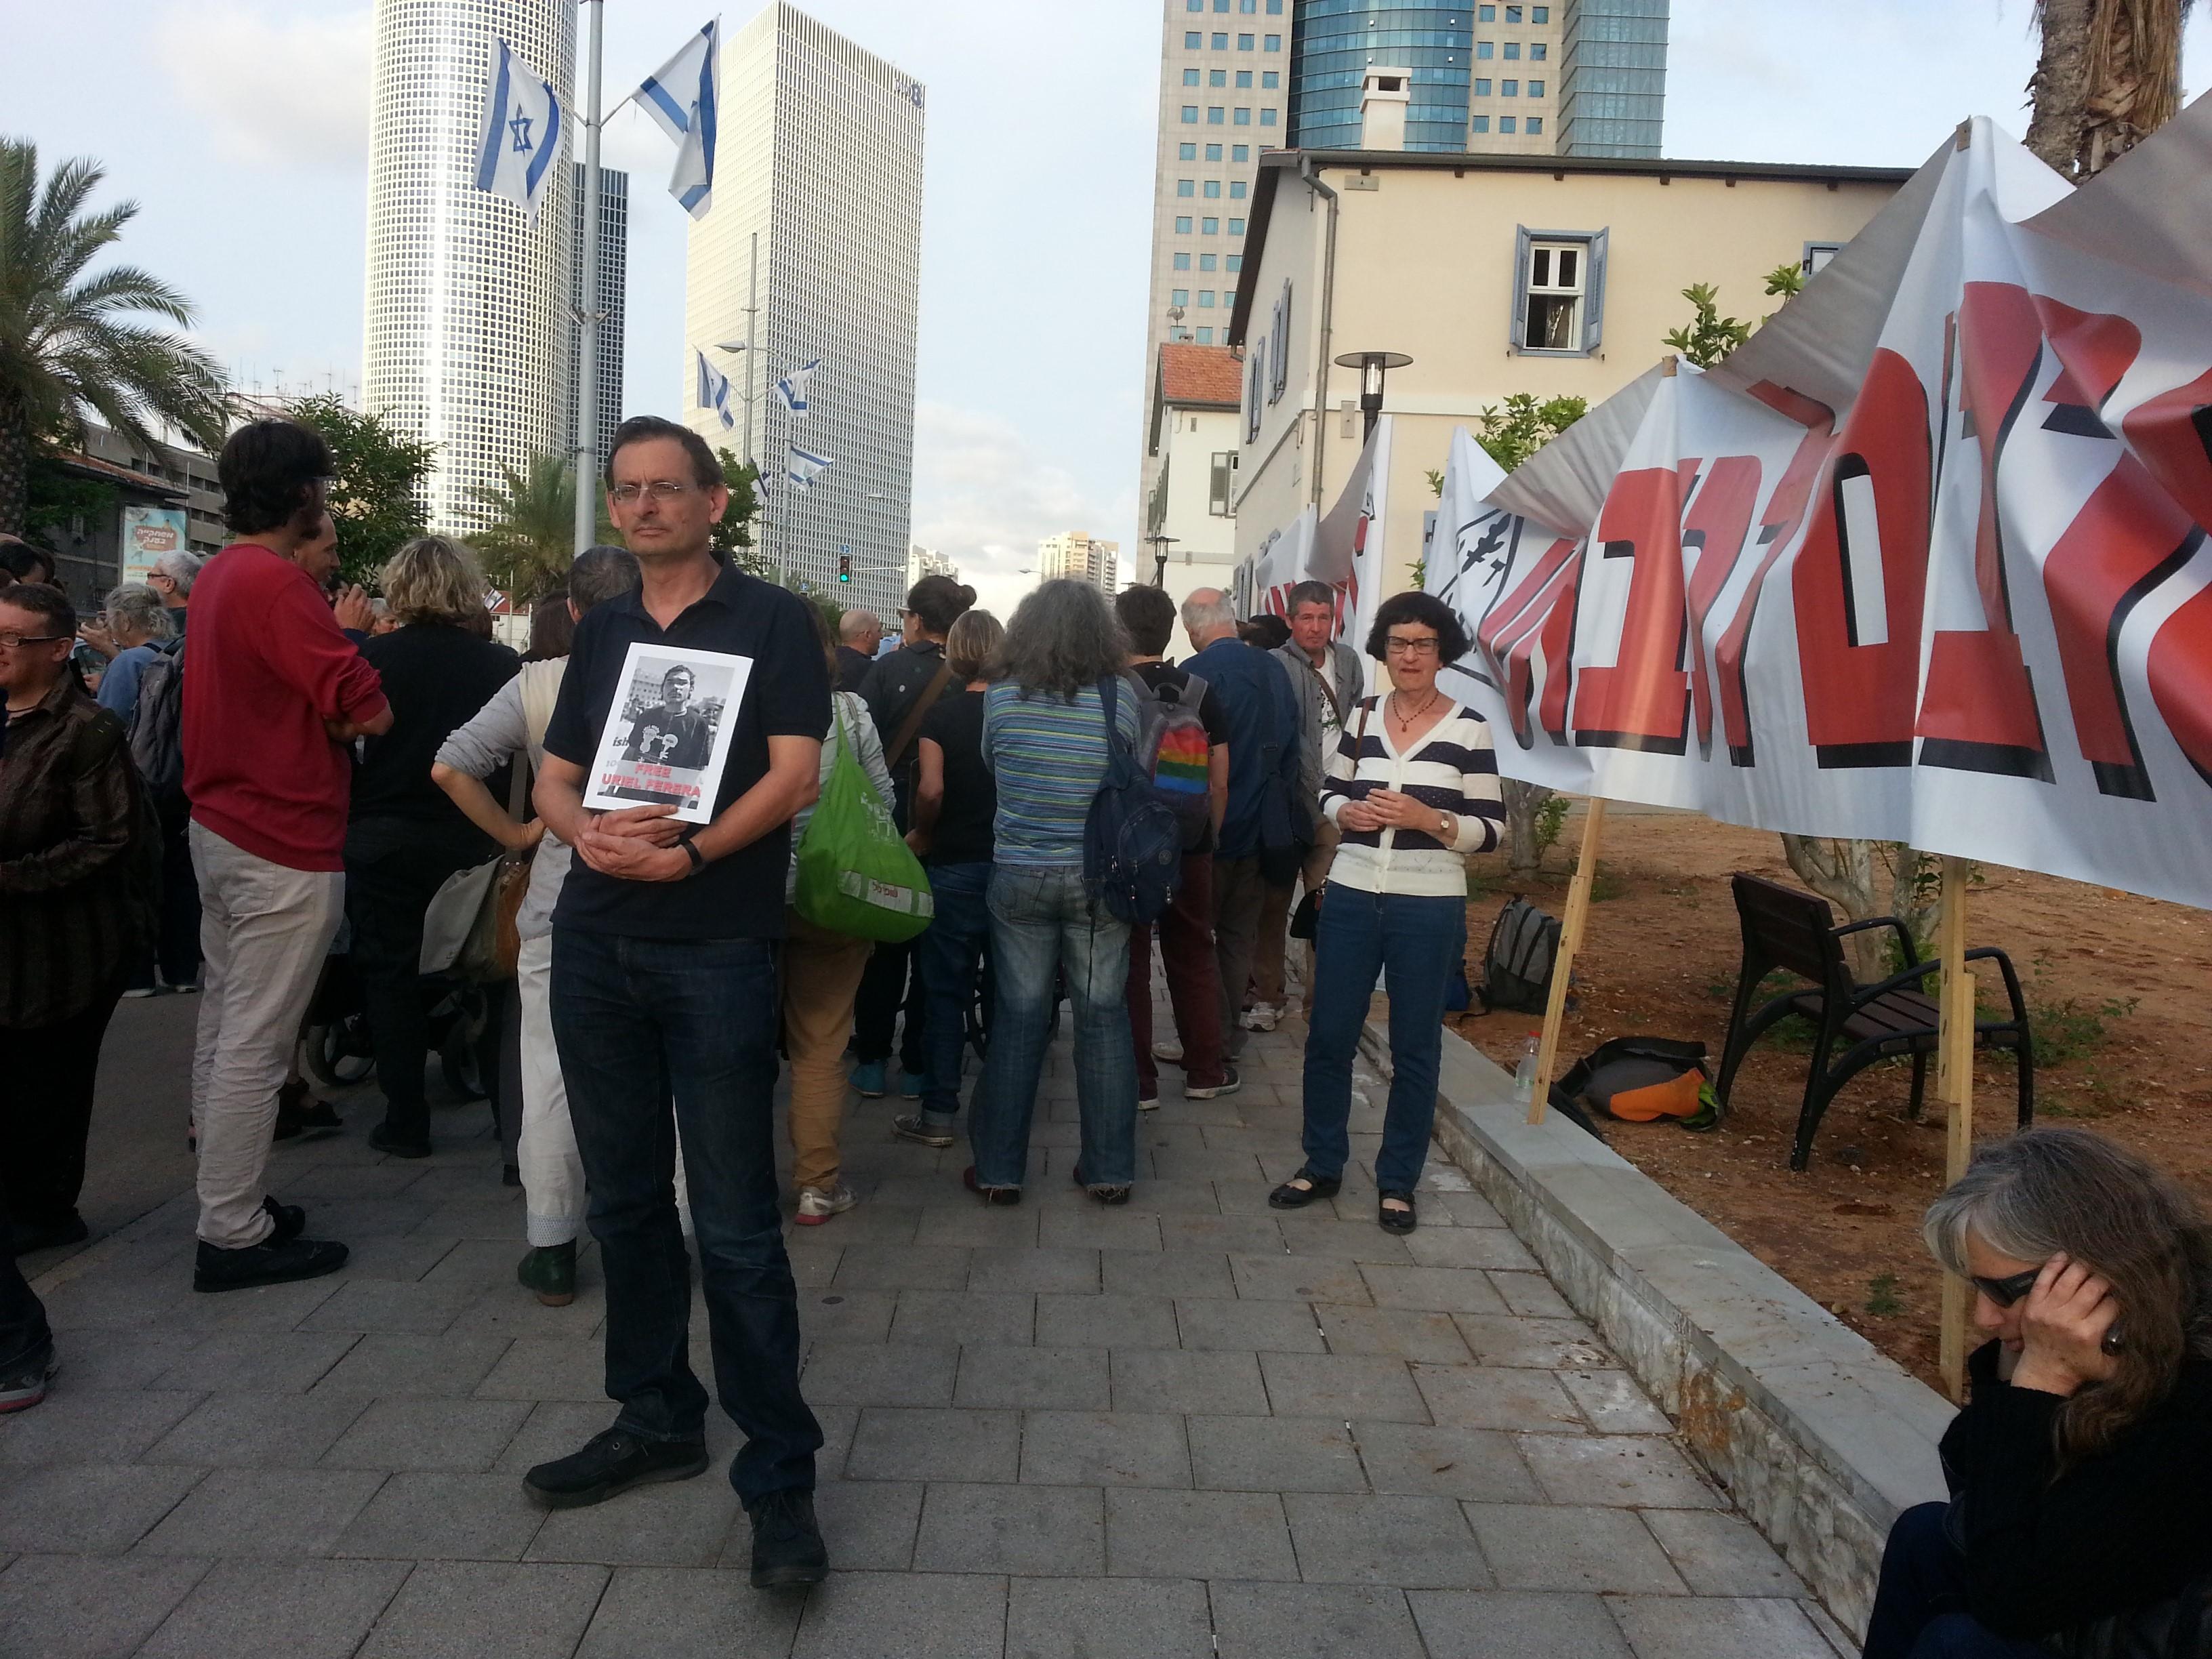 MK Khenin and former MK Gozansky during the demonstration in front of the Defense Ministry in Tel-Aviv, last Thursday (Photo: Eli Gozansky)